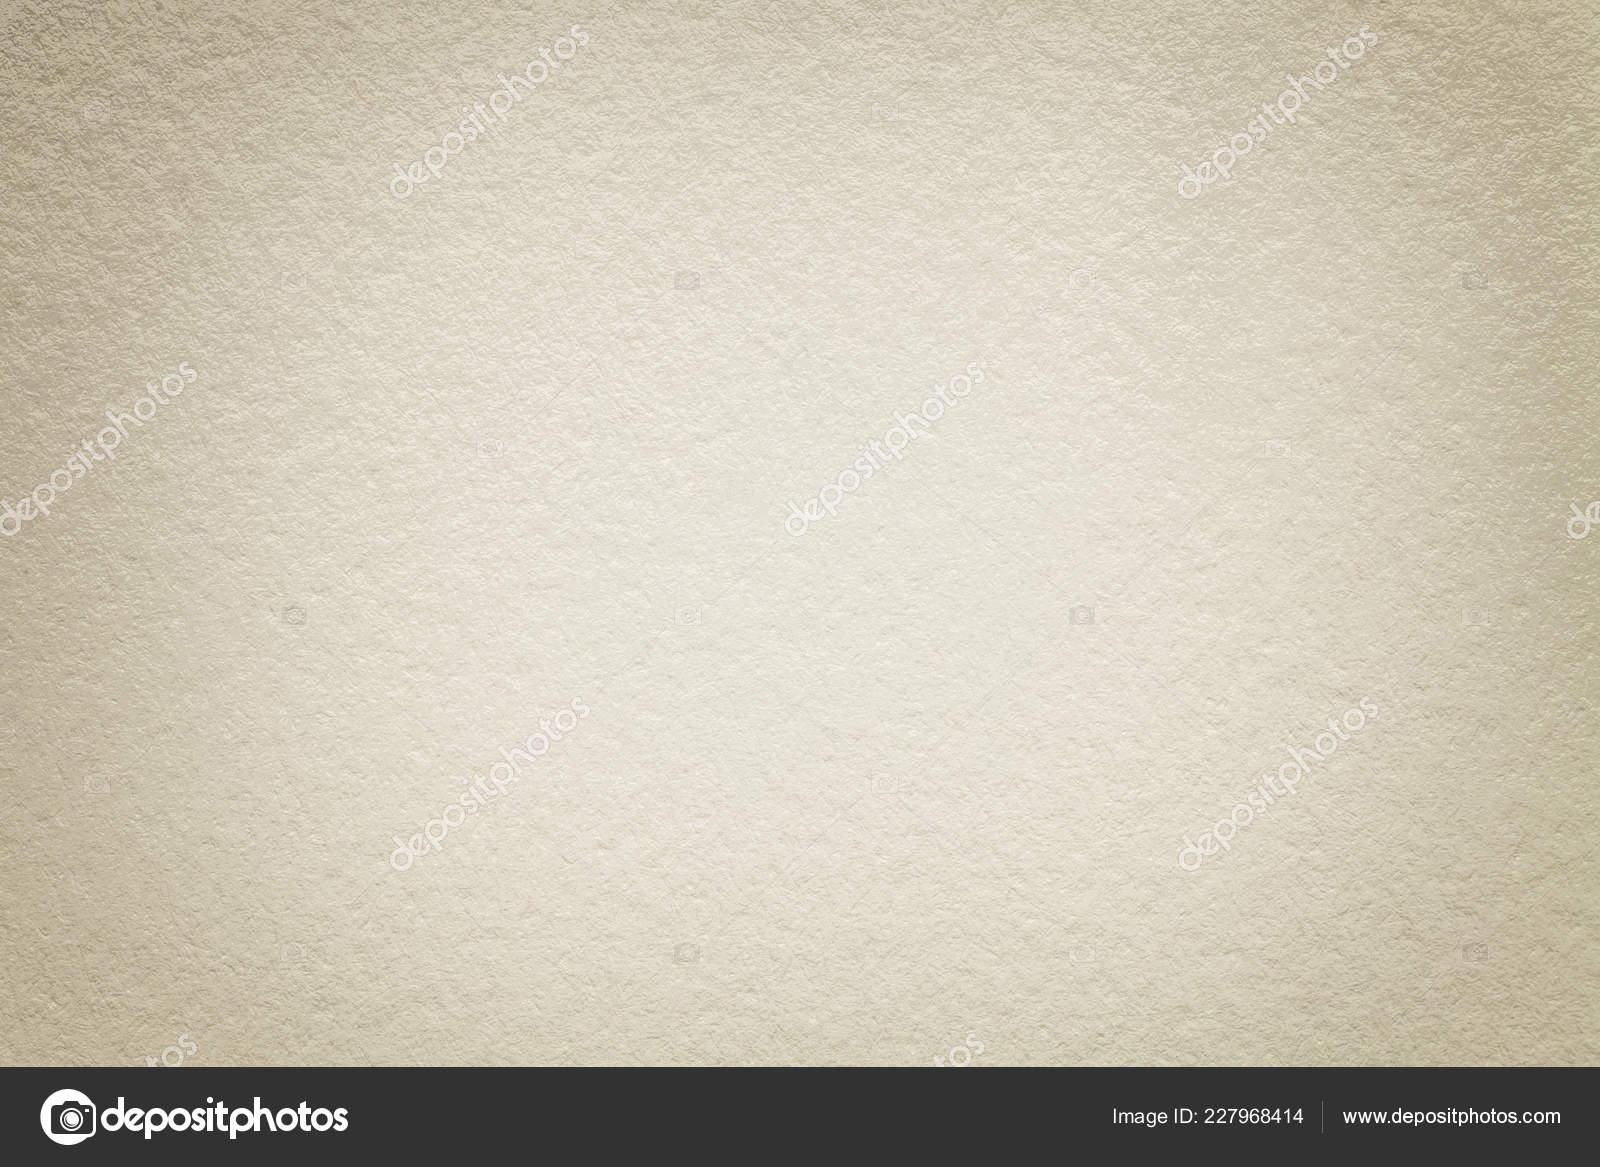 Texture Sfondo Carta Bianco Scuro Vintage Con Scenetta Struttura